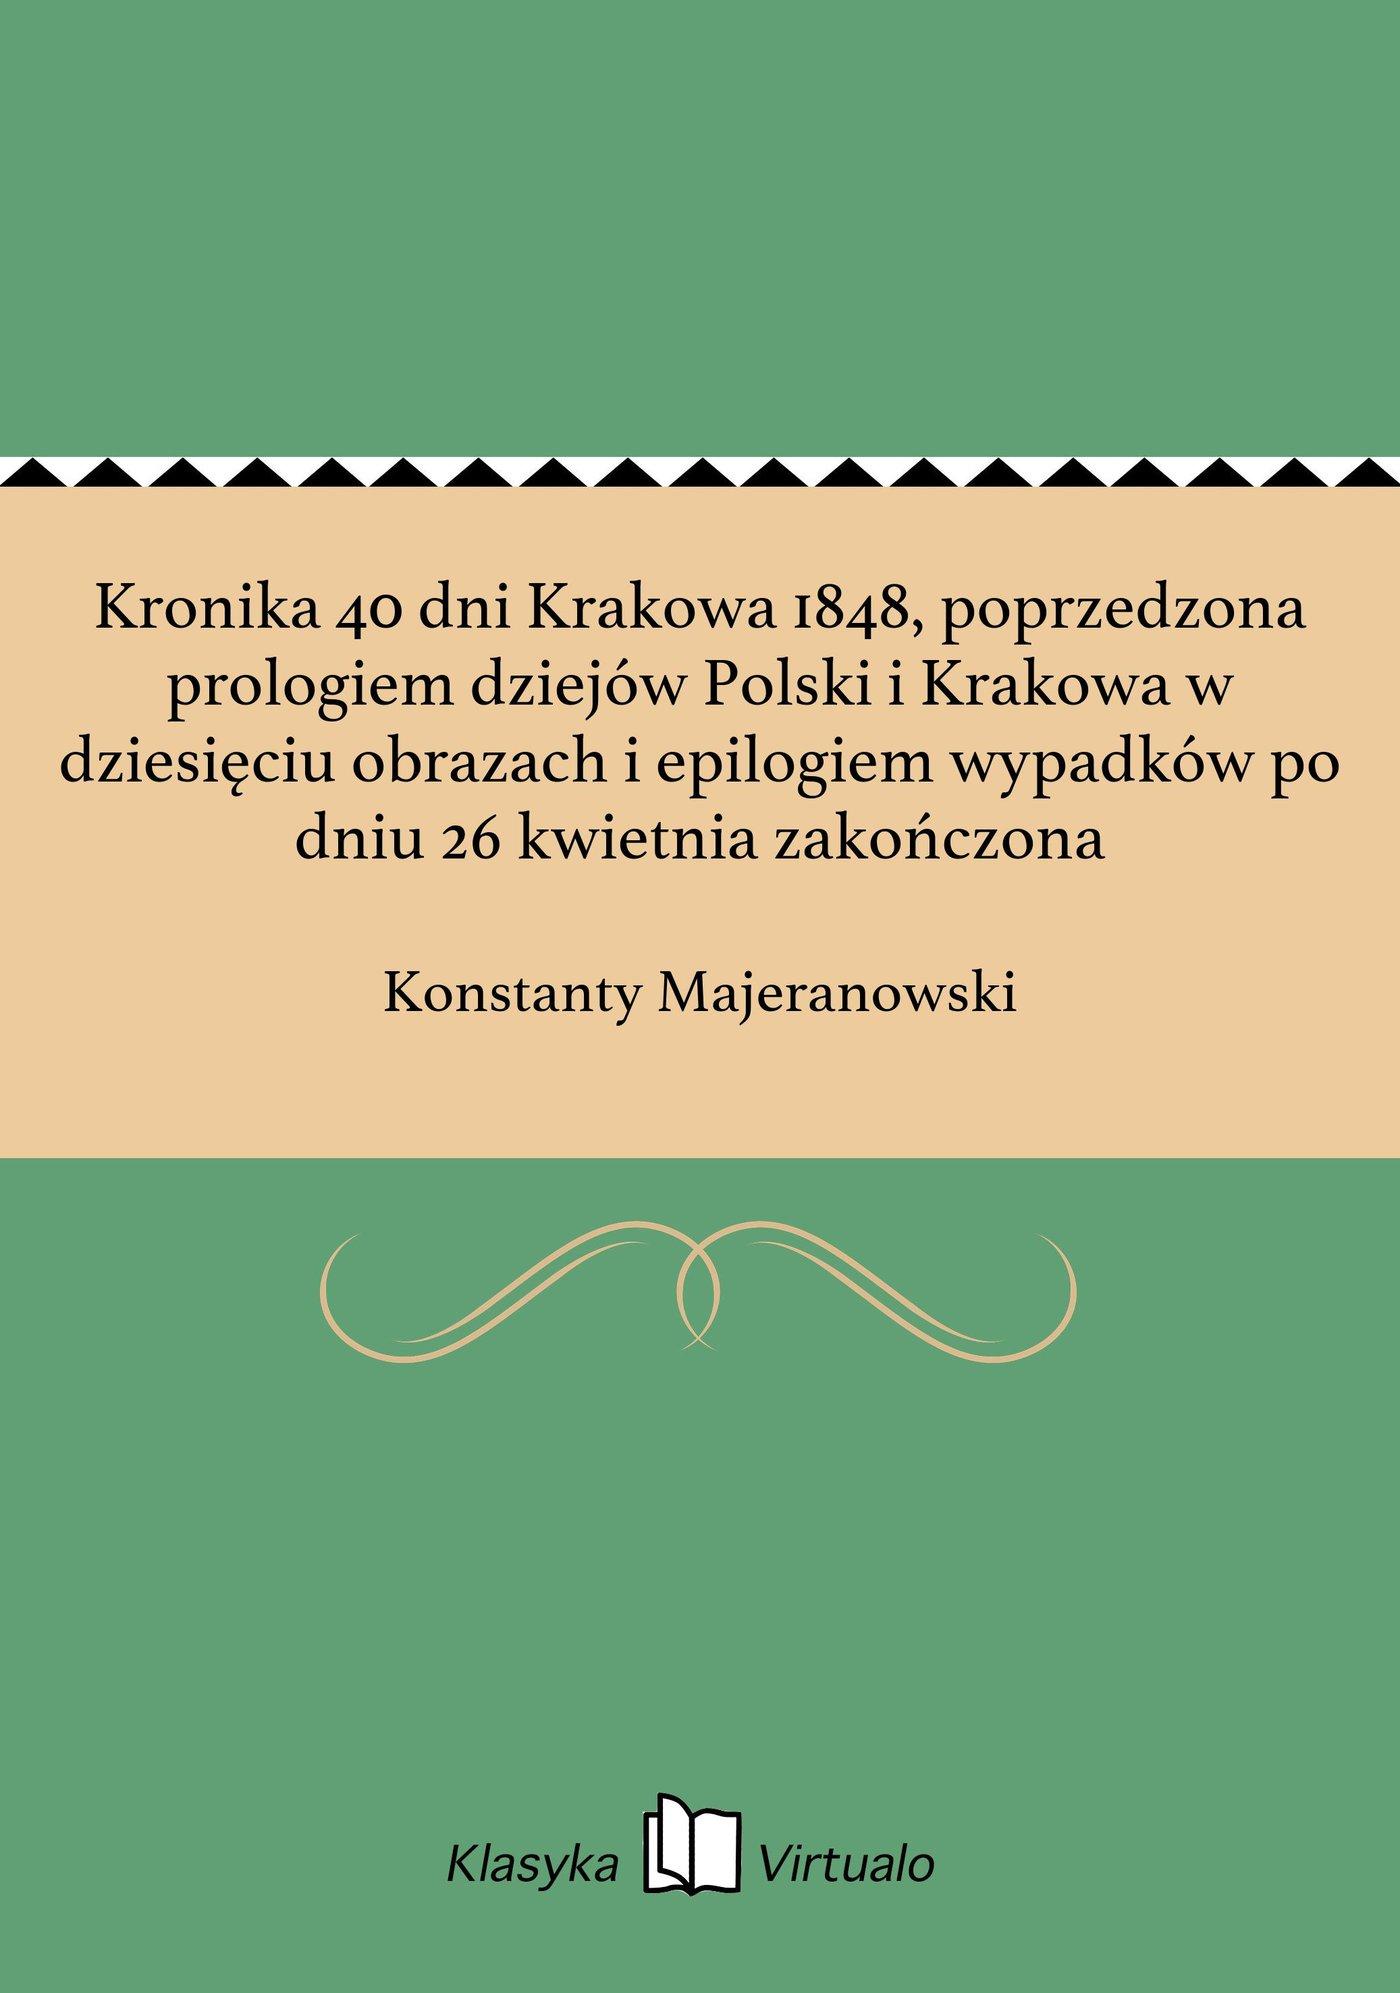 Kronika 40 dni Krakowa 1848, poprzedzona prologiem dziejów Polski i Krakowa w dziesięciu obrazach i epilogiem wypadków po dniu 26 kwietnia zakończona - Ebook (Książka EPUB) do pobrania w formacie EPUB